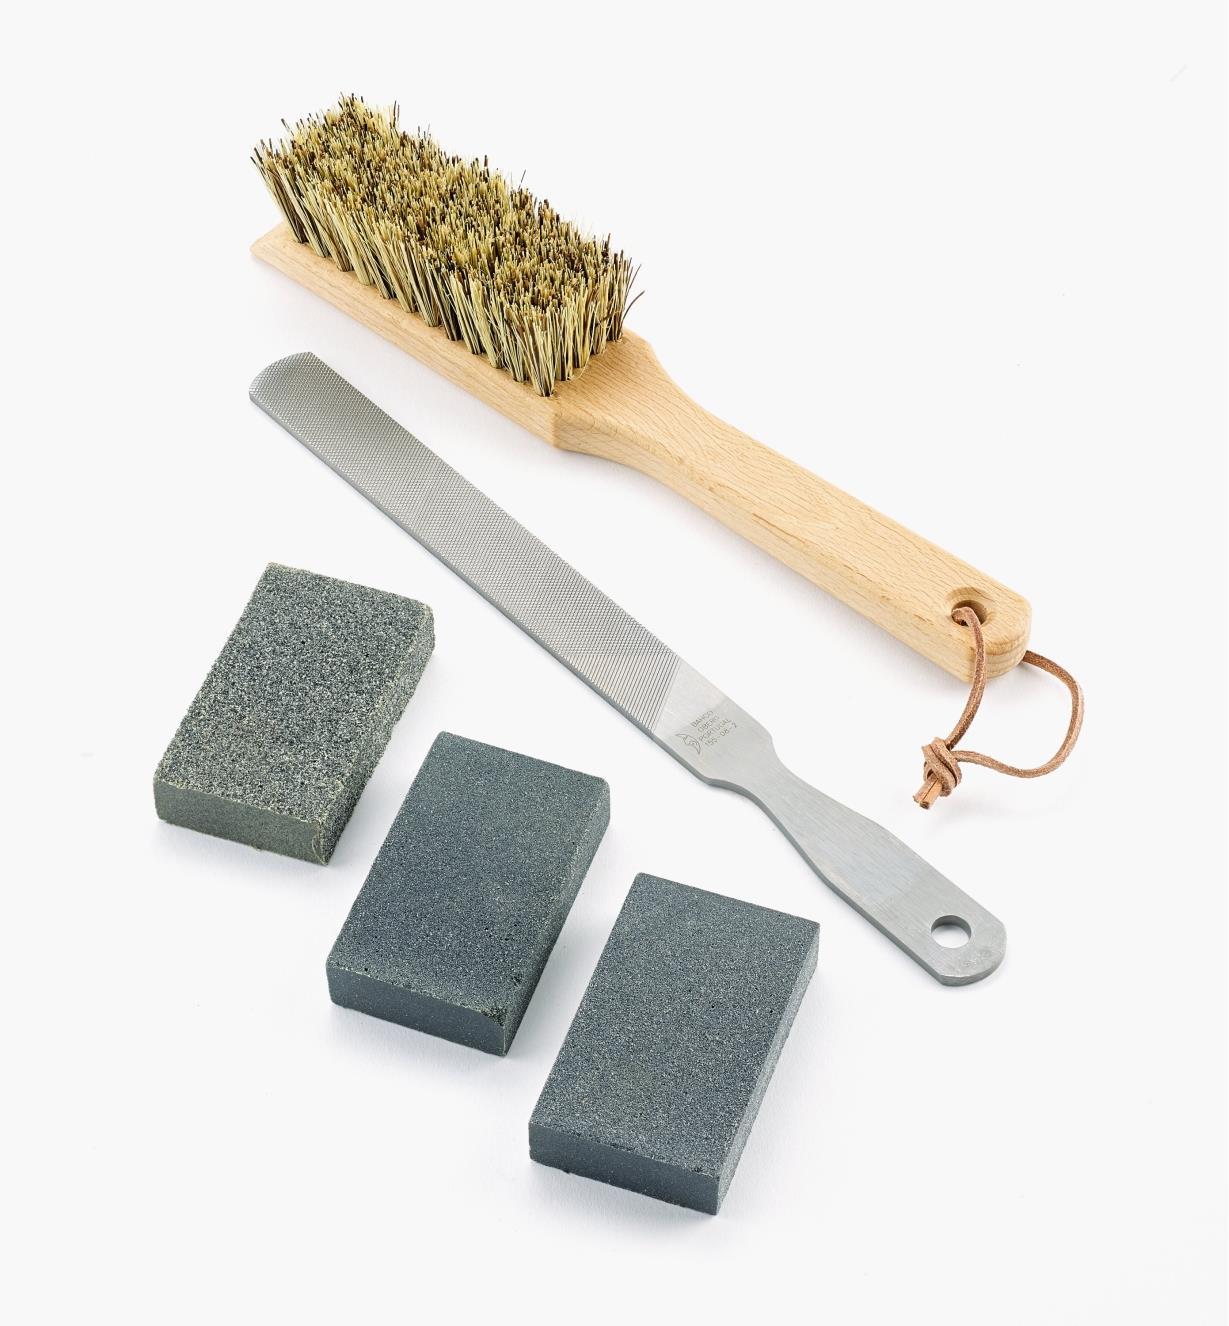 BR210 - Ensemble d'entretien pour outils de jardin